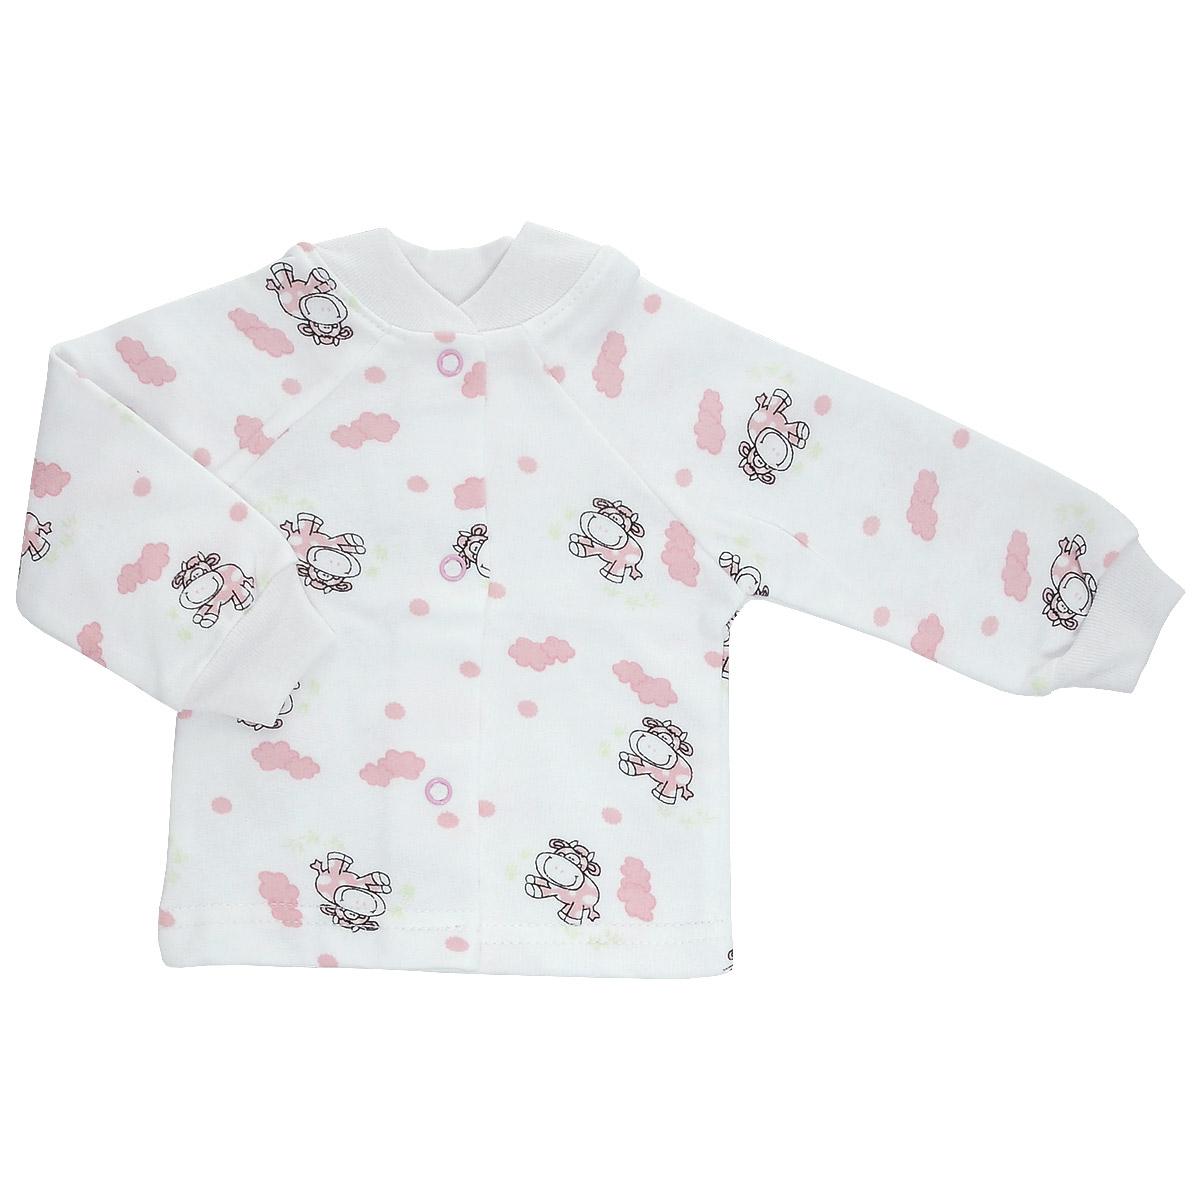 Распашонка5174Кофточка для новорожденного Трон-плюс с длинными рукавами и небольшим воротничком-стоечкой послужит идеальным дополнением к гардеробу вашего ребенка, обеспечивая ему наибольший комфорт. Изготовленная из футера - натурального хлопка, она необычайно мягкая и легкая и теплая, не раздражает нежную кожу ребенка и хорошо вентилируется, а эластичные швы приятны телу малыша и не препятствуют его движениям. Удобные застежки-кнопки по всей длине помогают легко переодеть младенца. Рукава-реглан понизу дополнены трикотажными манжетами, не пережимающими ручку. Воротничок дополнен эластичной трикотажной резинкой. Кофточка полностью соответствует особенностям жизни ребенка в ранний период, не стесняя и не ограничивая его в движениях.